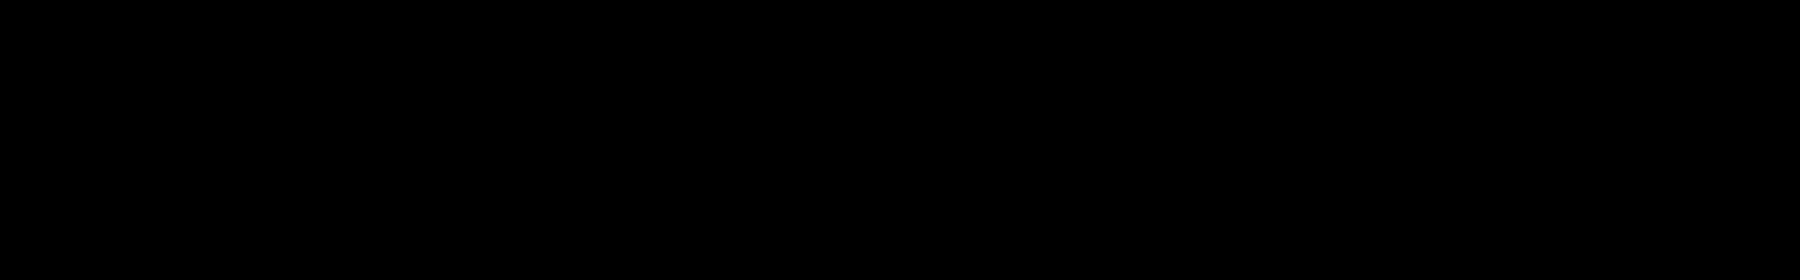 Tunecraft Indie Chill Palette audio waveform